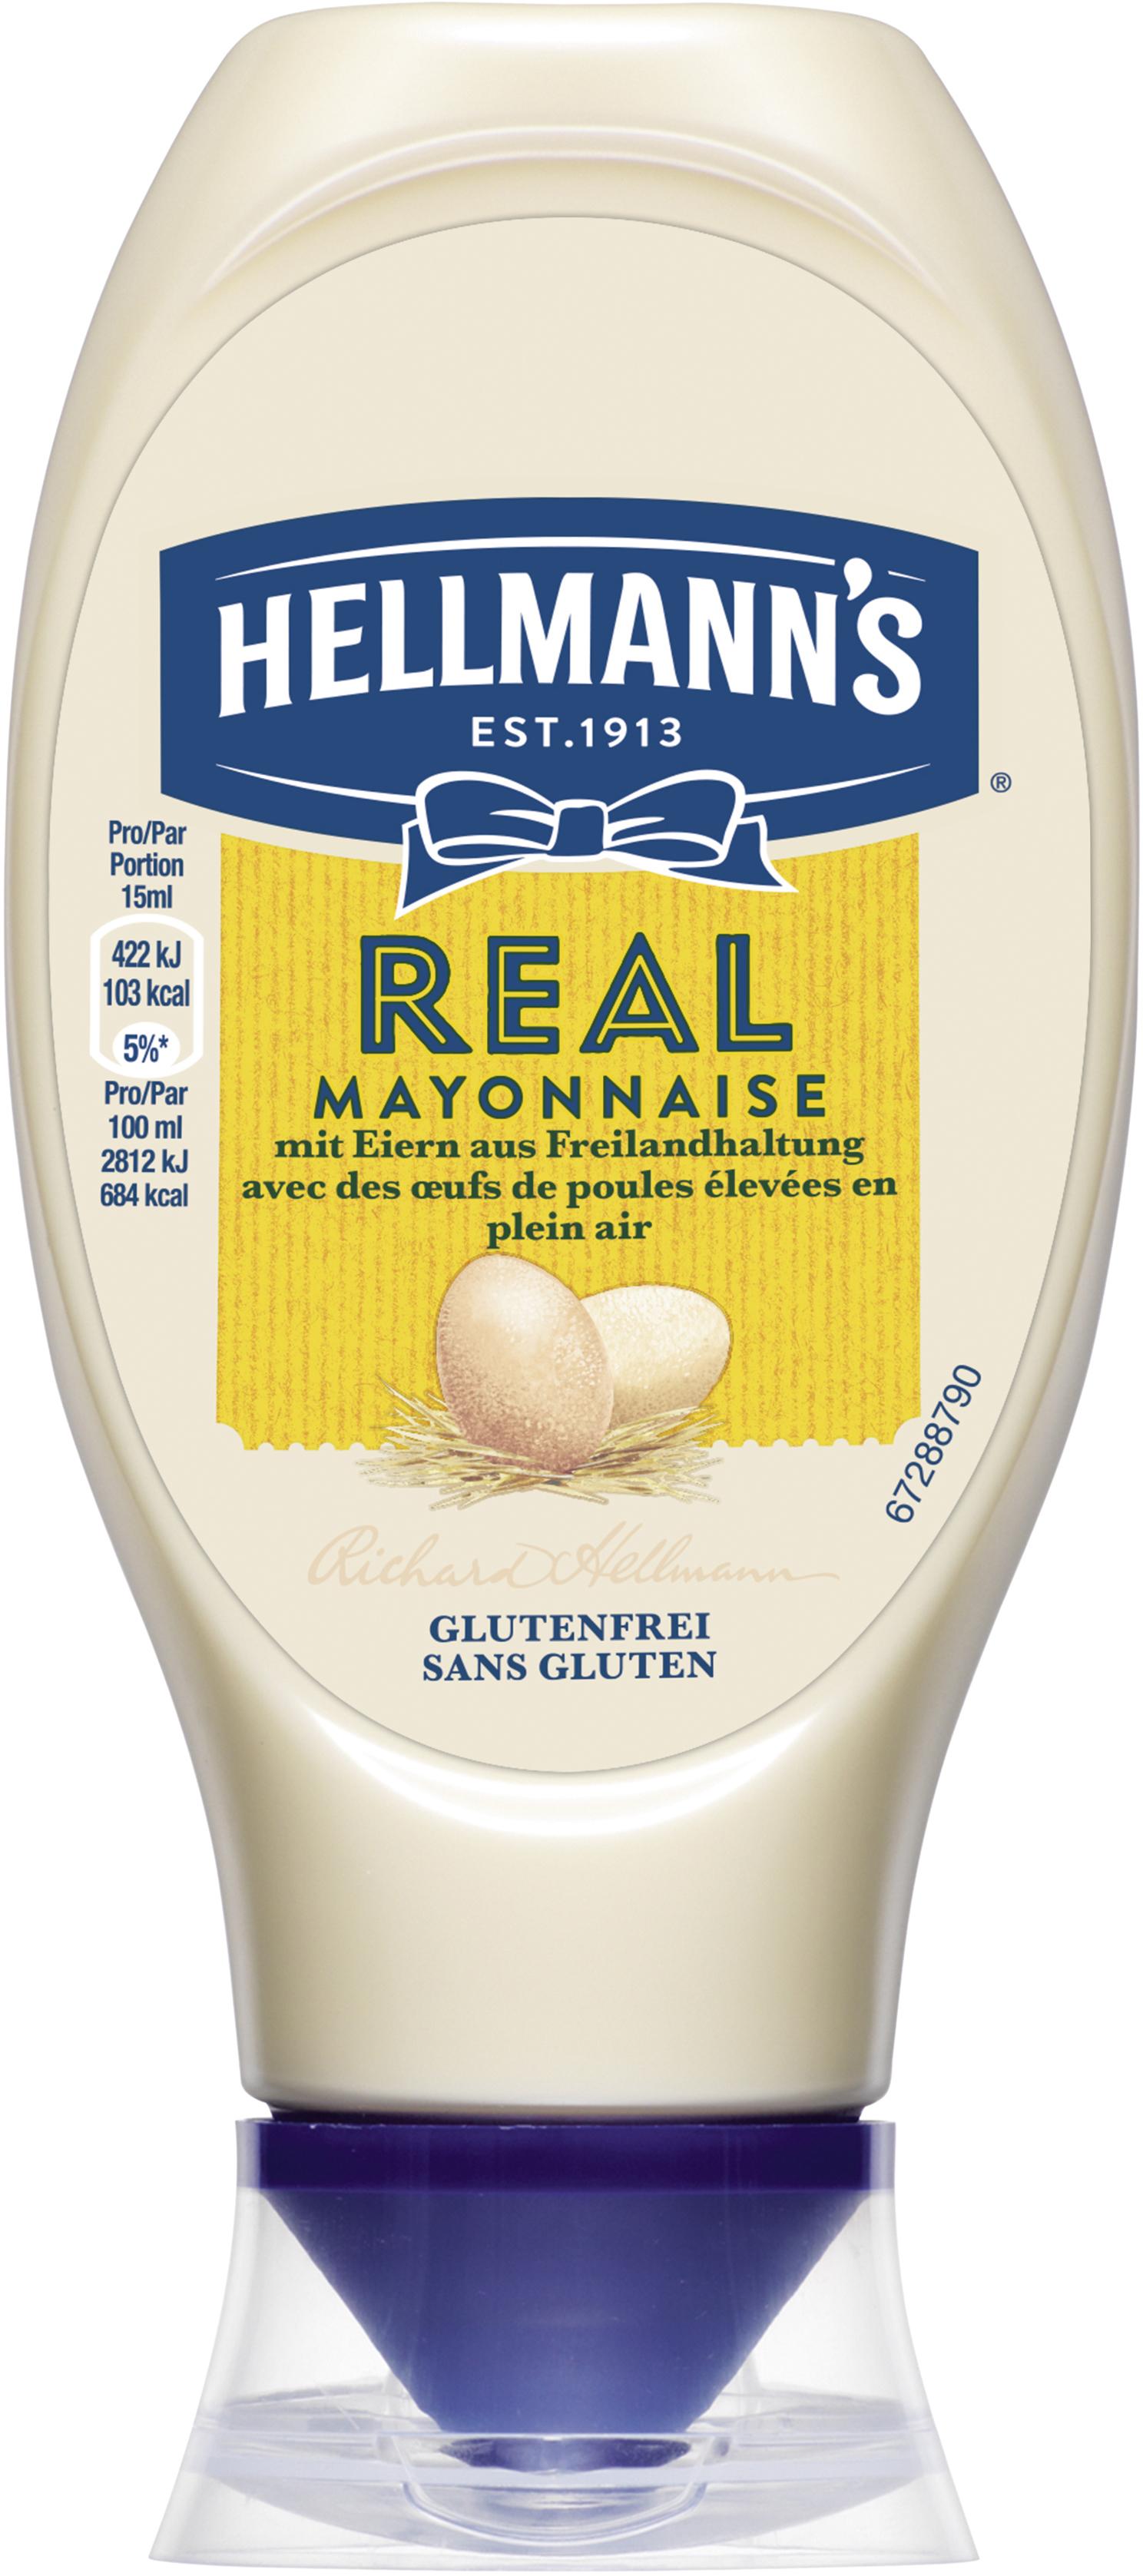 Hellmann's REAL Mayonnaise 80% Fett 430 ml